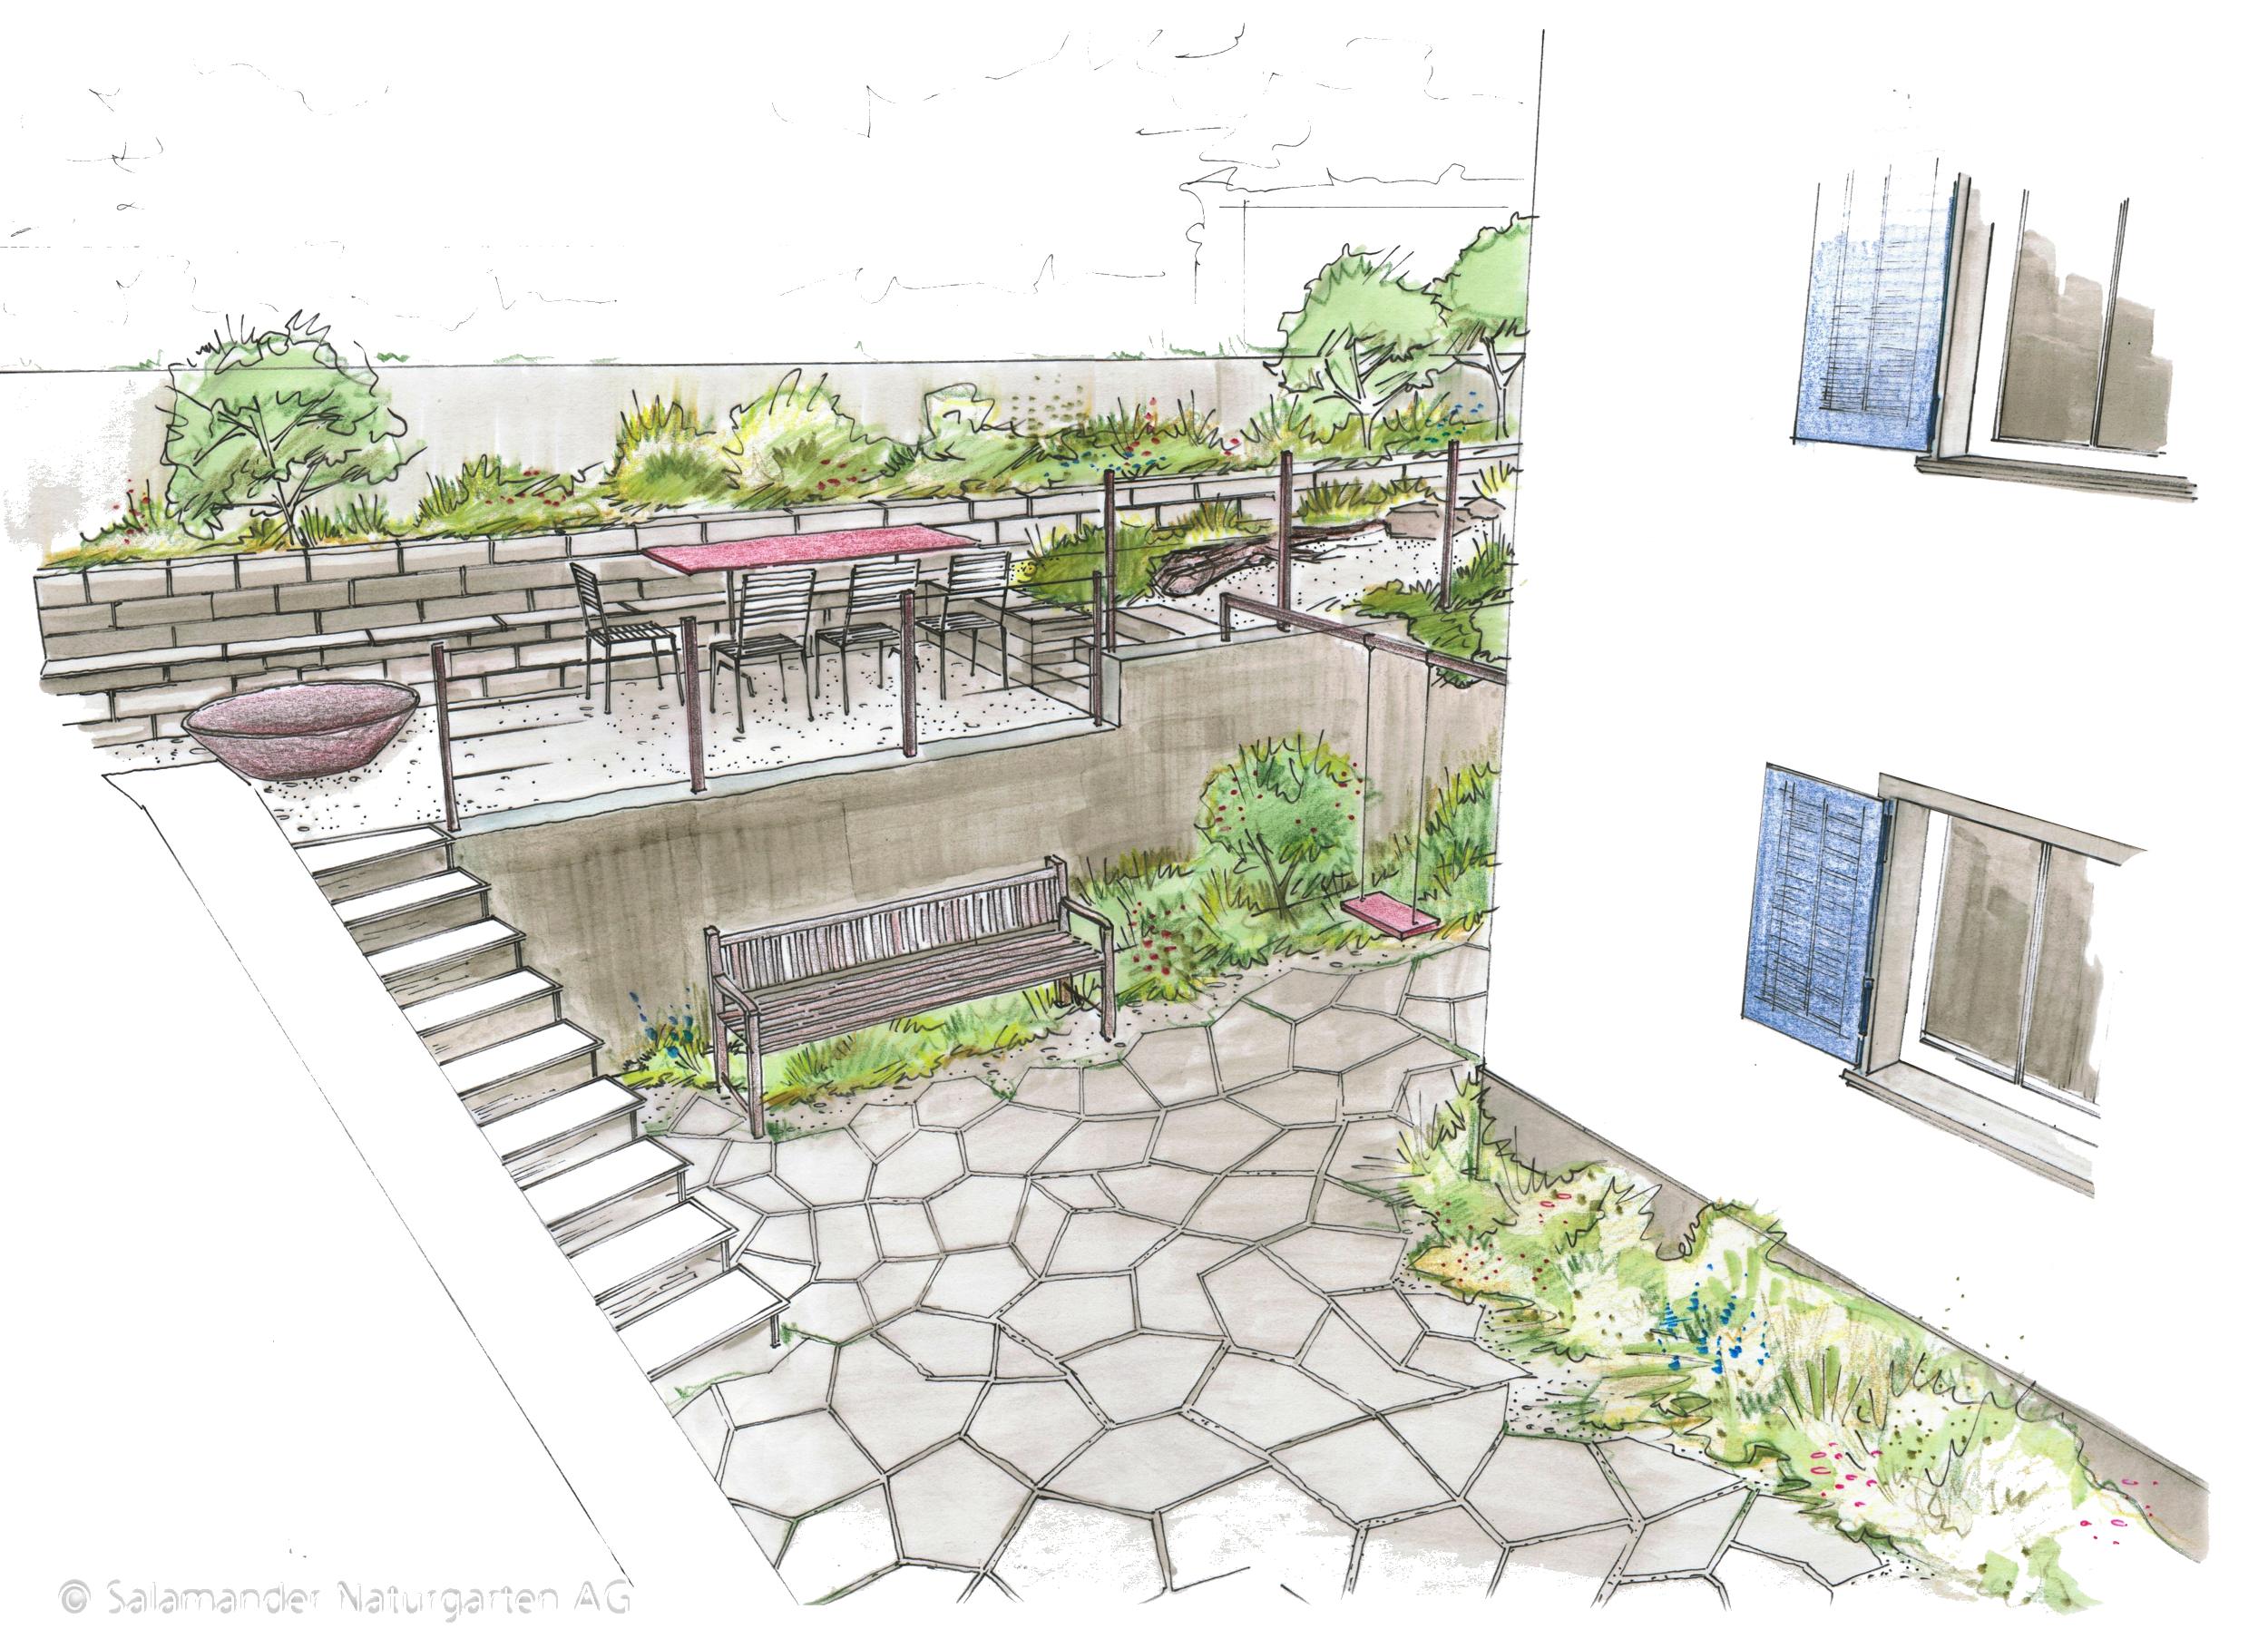 Entwurf Garten Umschwung Mit Natursteinpflaster Treppe Terrasse Und Tockenmauer Dazwischen Pflanzbeete Mit Staude Naturgarten Gartengestaltung Trockenmauer